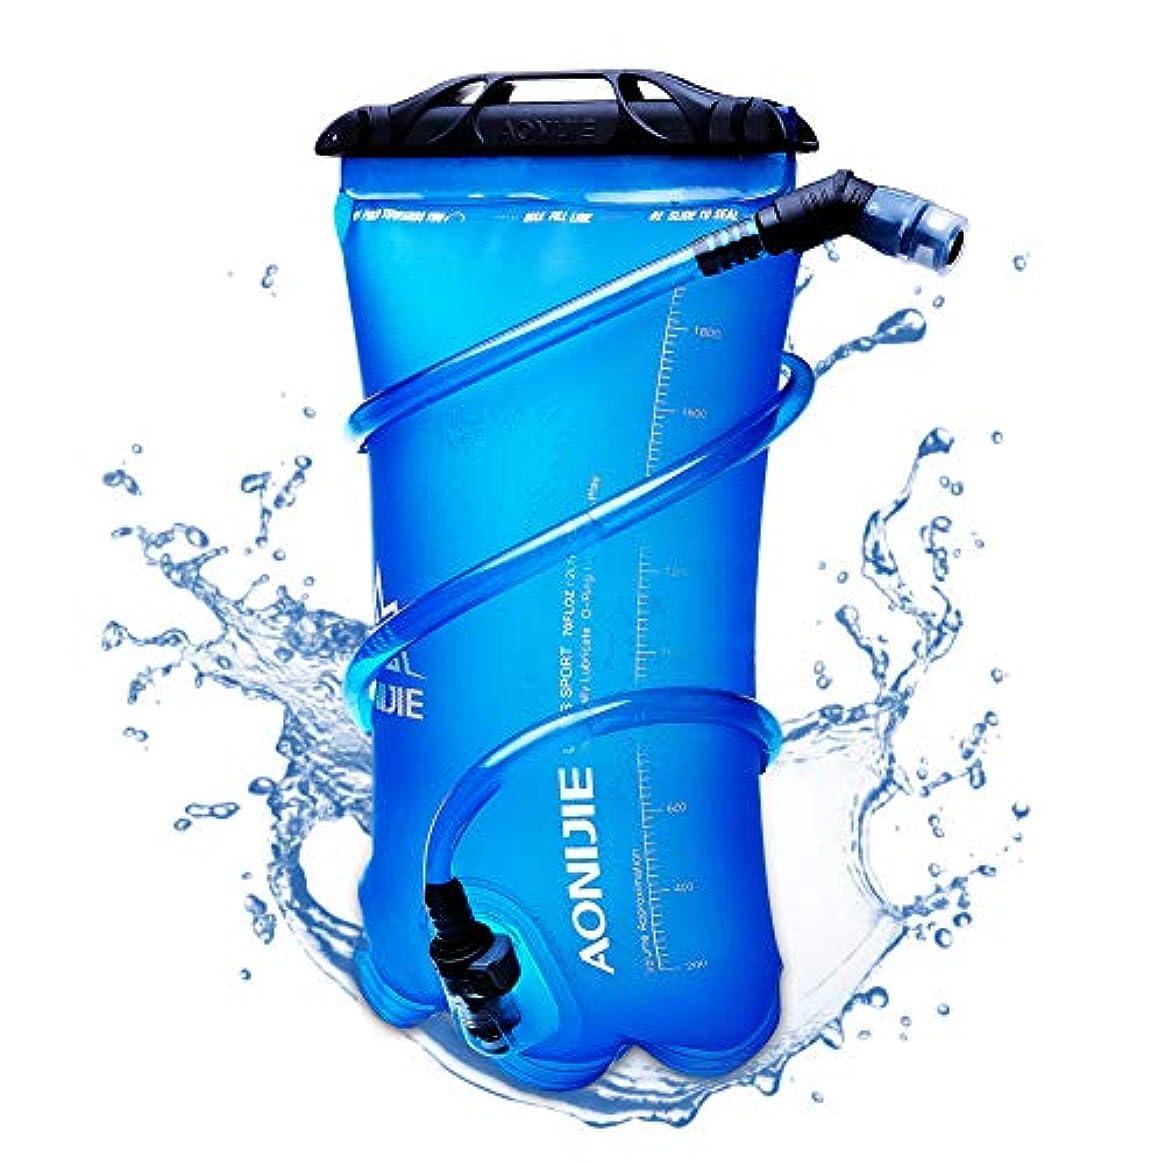 季節異常な電子Win.Deeper ハイドレーション 給水袋 ウォーターキャリー 折りたたみ水筒 水分補給 自転車 ハイキング 登山 サイクリング 1.5L/2L/3L